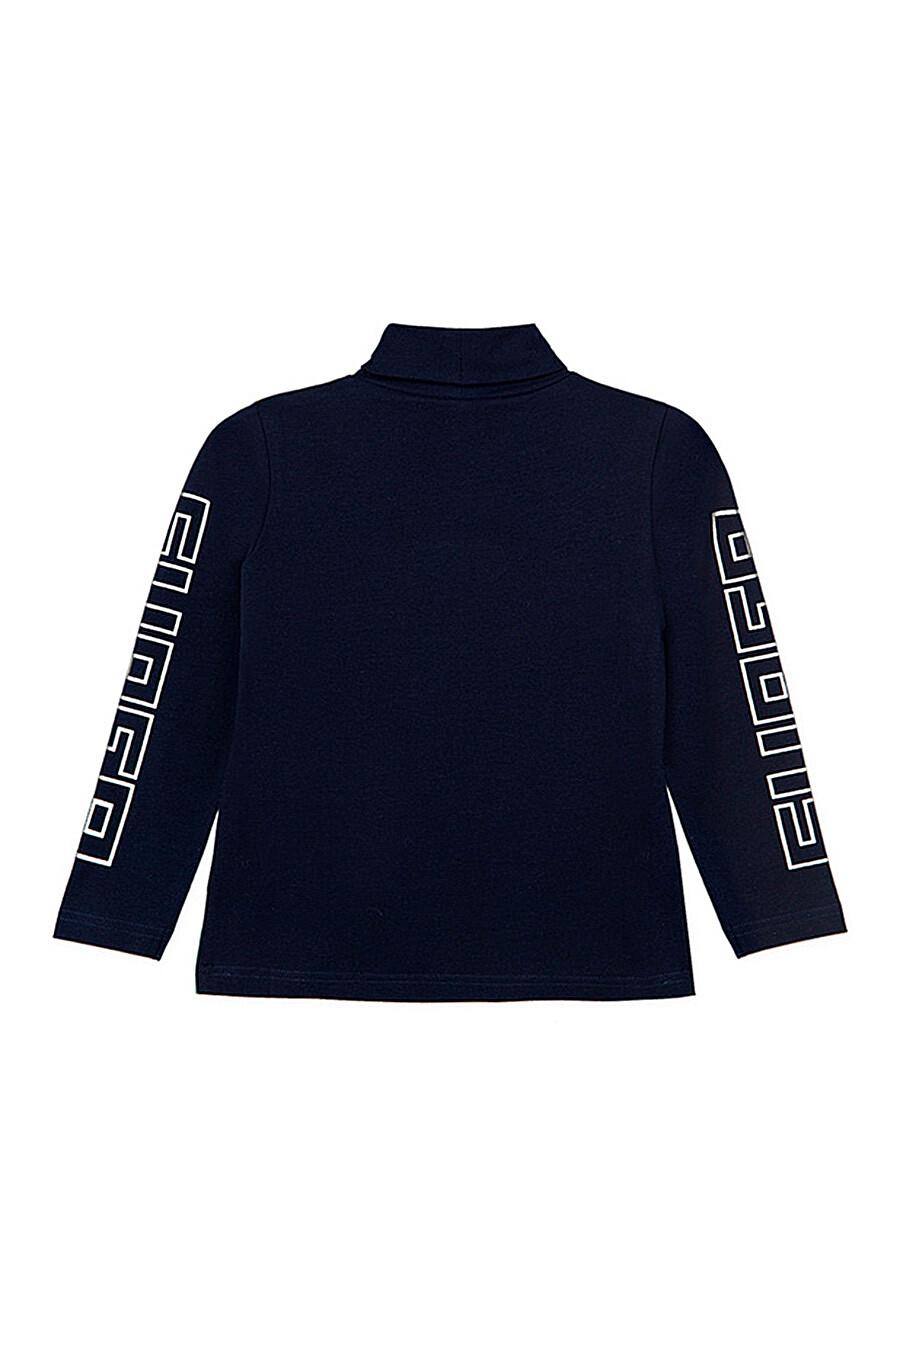 Водолазка для мальчиков PLAYTODAY 239044 купить оптом от производителя. Совместная покупка детской одежды в OptMoyo